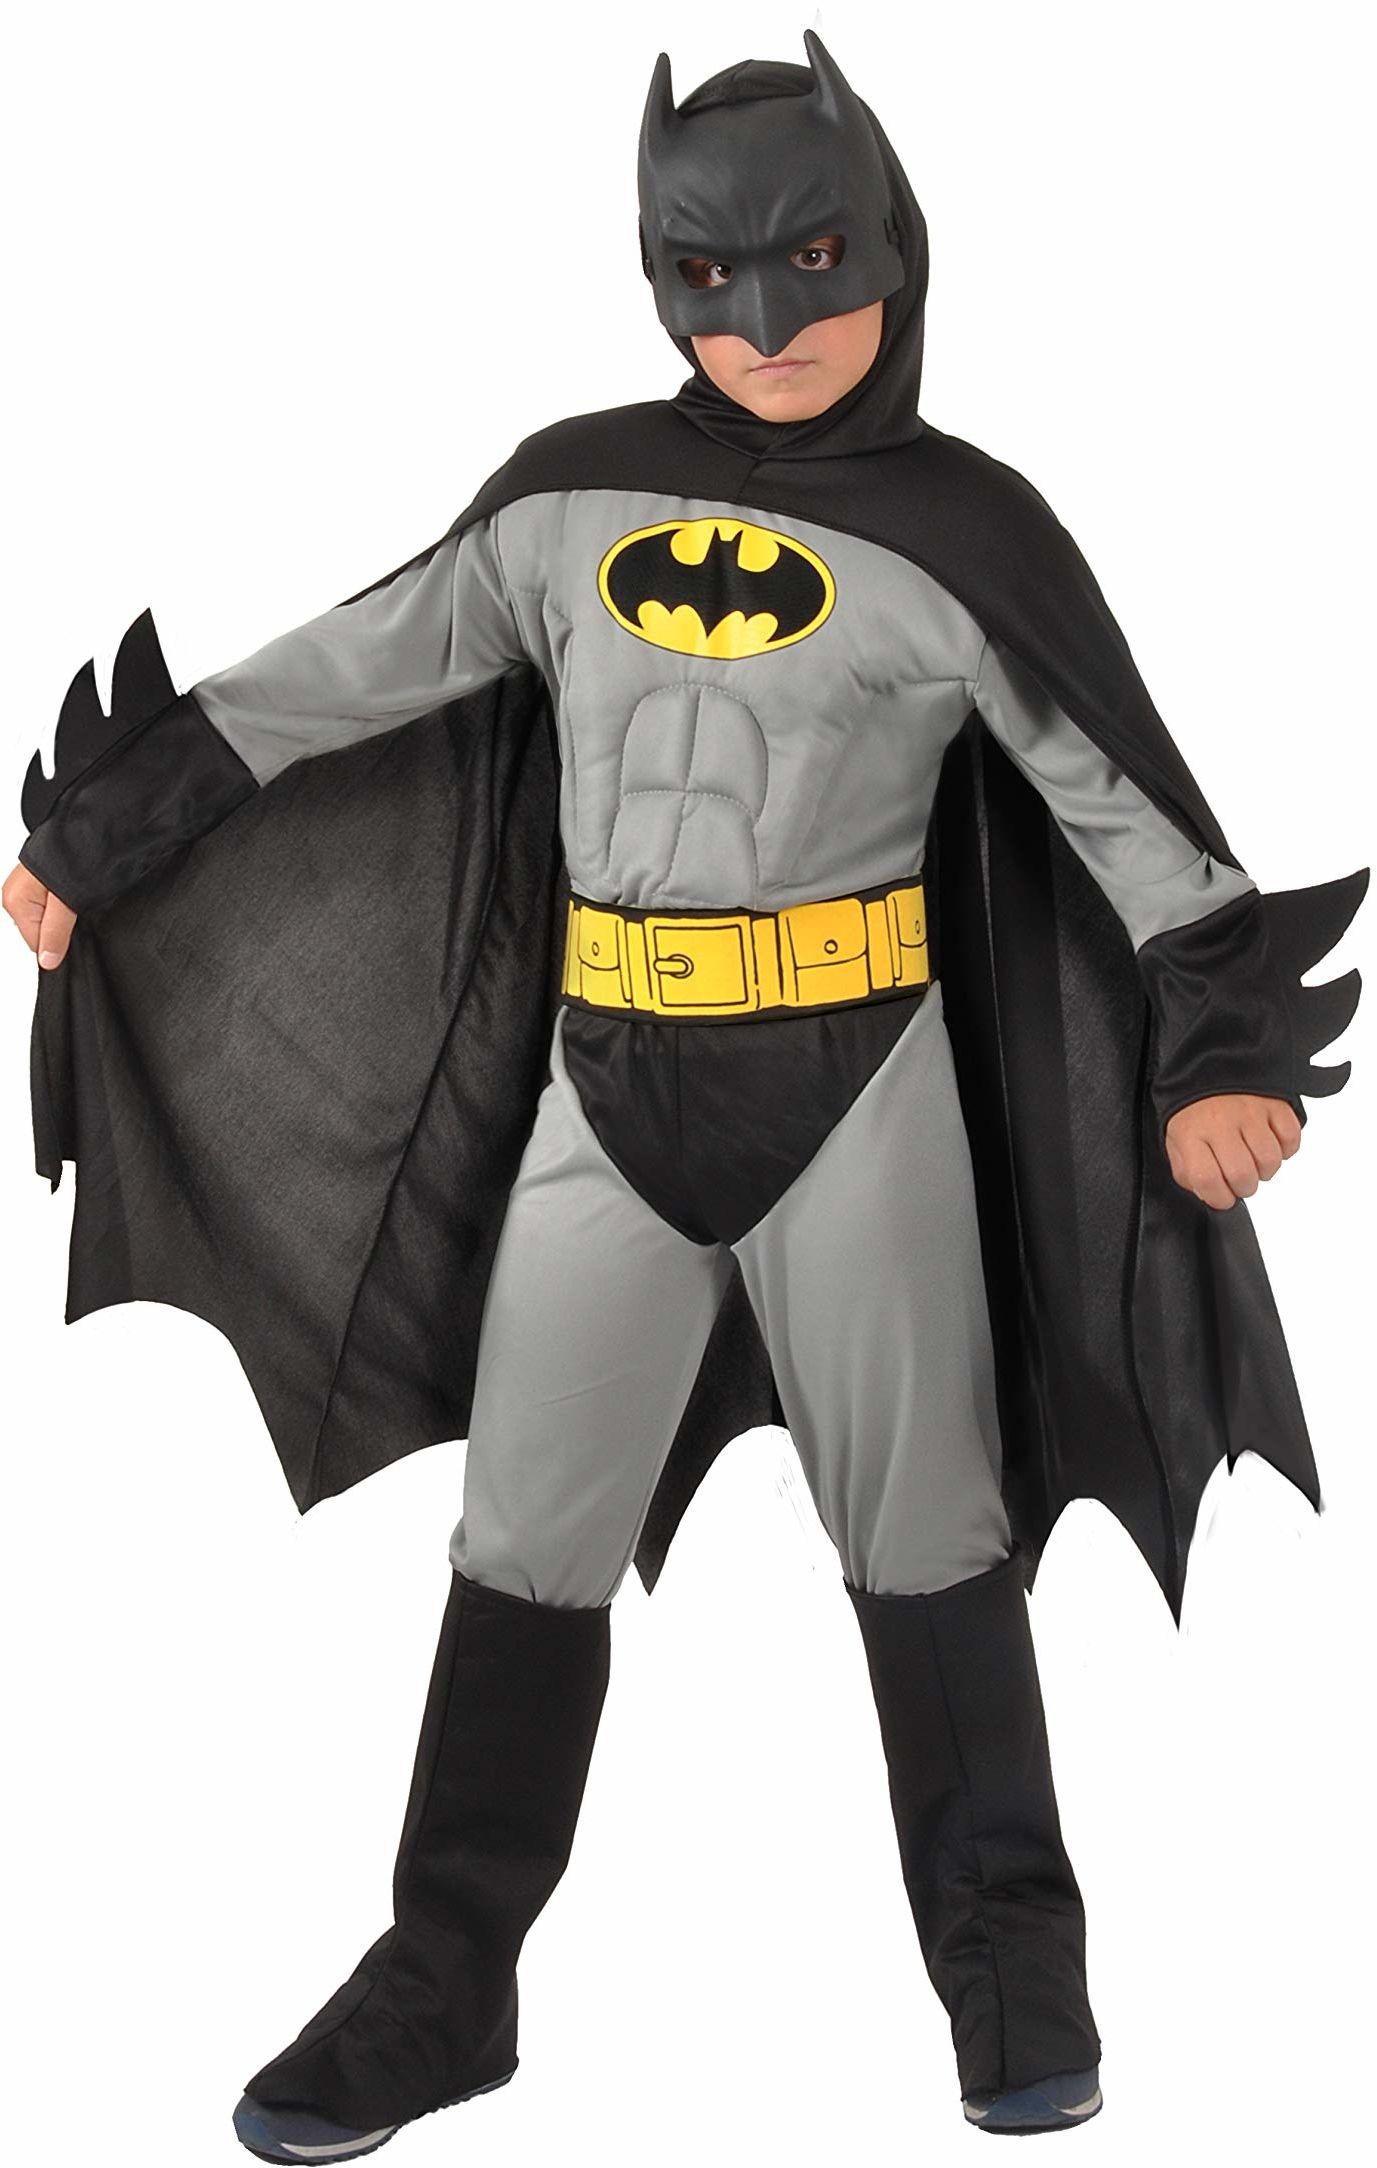 Ciao-Batman Classic dziecięcy kostium oryginalny DC Comics (rozmiar 10-12 lat) z wyściełaną muskulaturą piersiową, szary/czarny, 11701.10-12